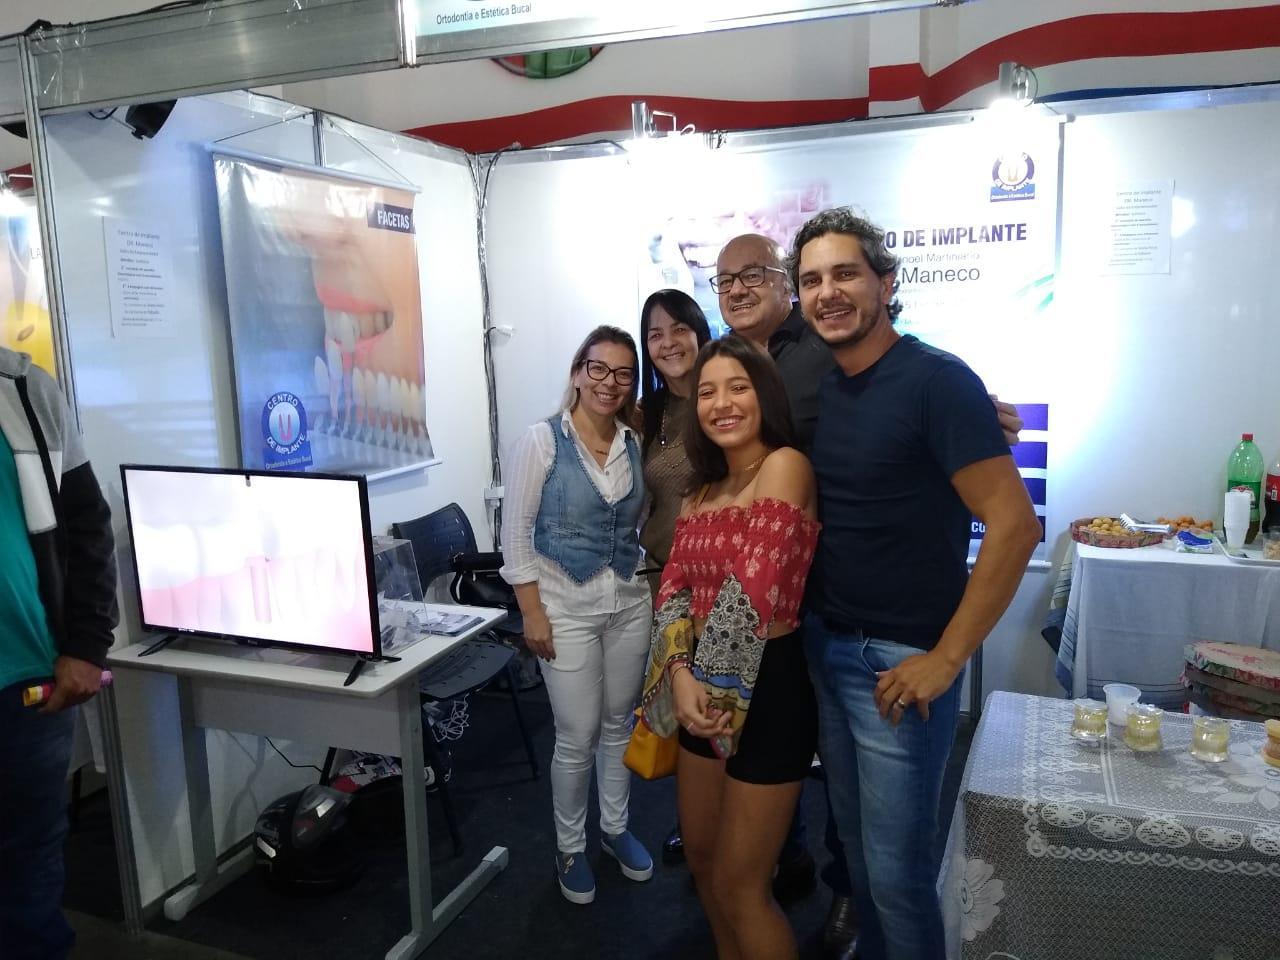 Centro de Implantes Dr. Maneco se destaca em evento de empreendedorismo